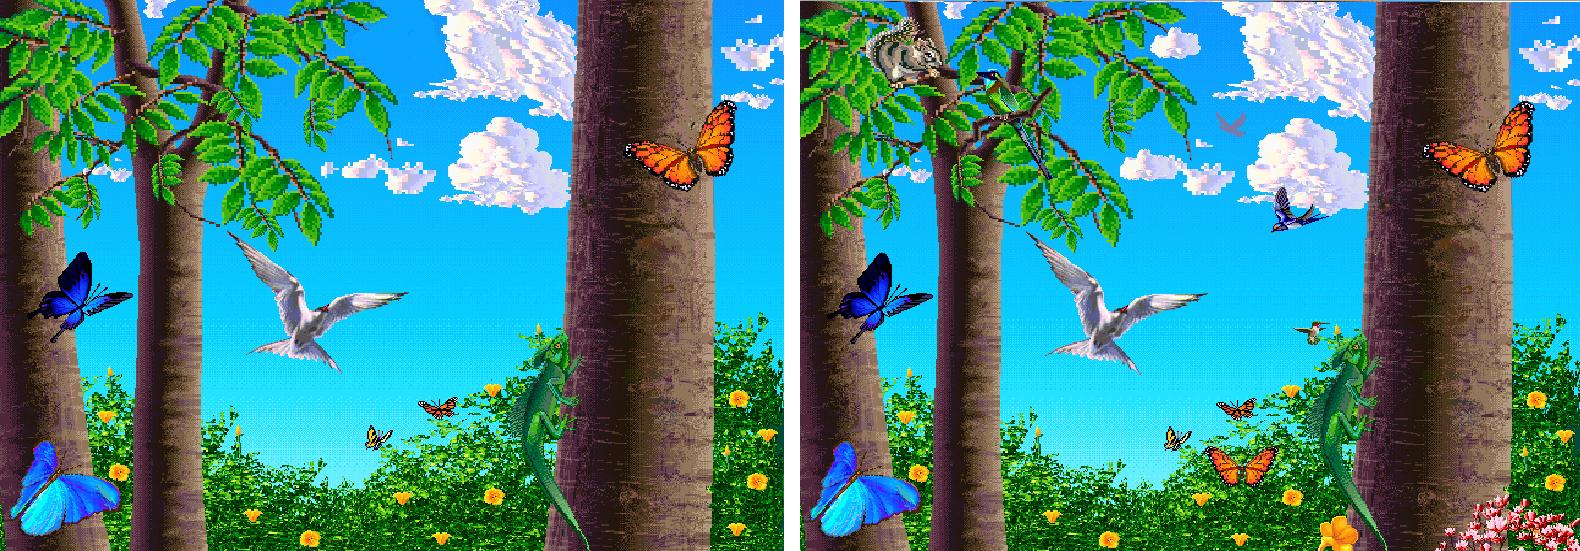 butterflies 2x